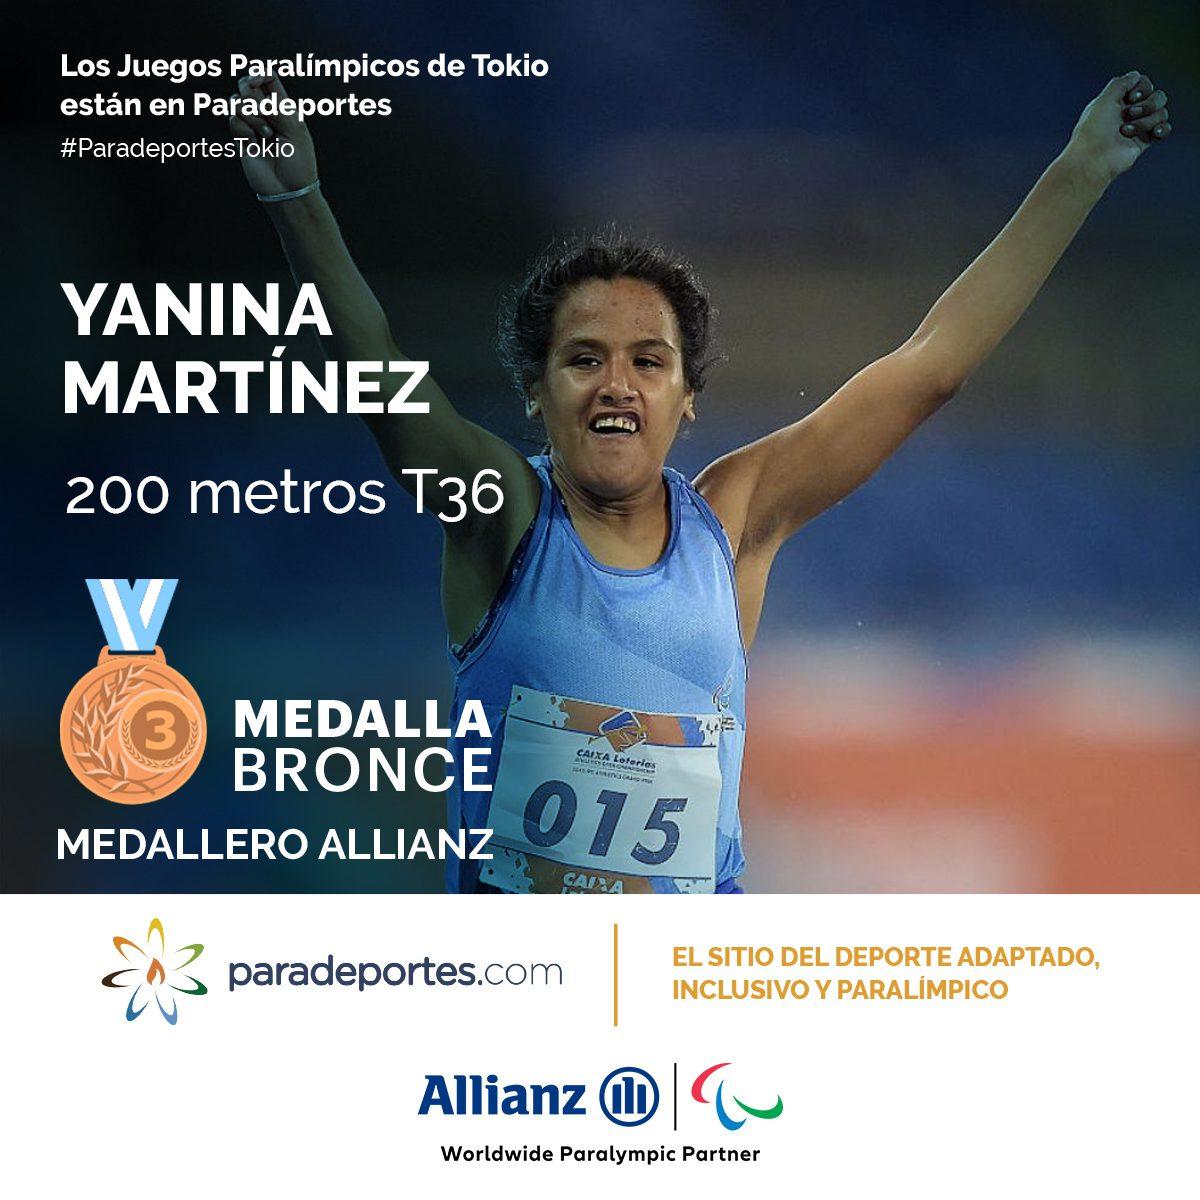 Yanina Martínez, medallista de bronce en los Juegos Paralímpicos